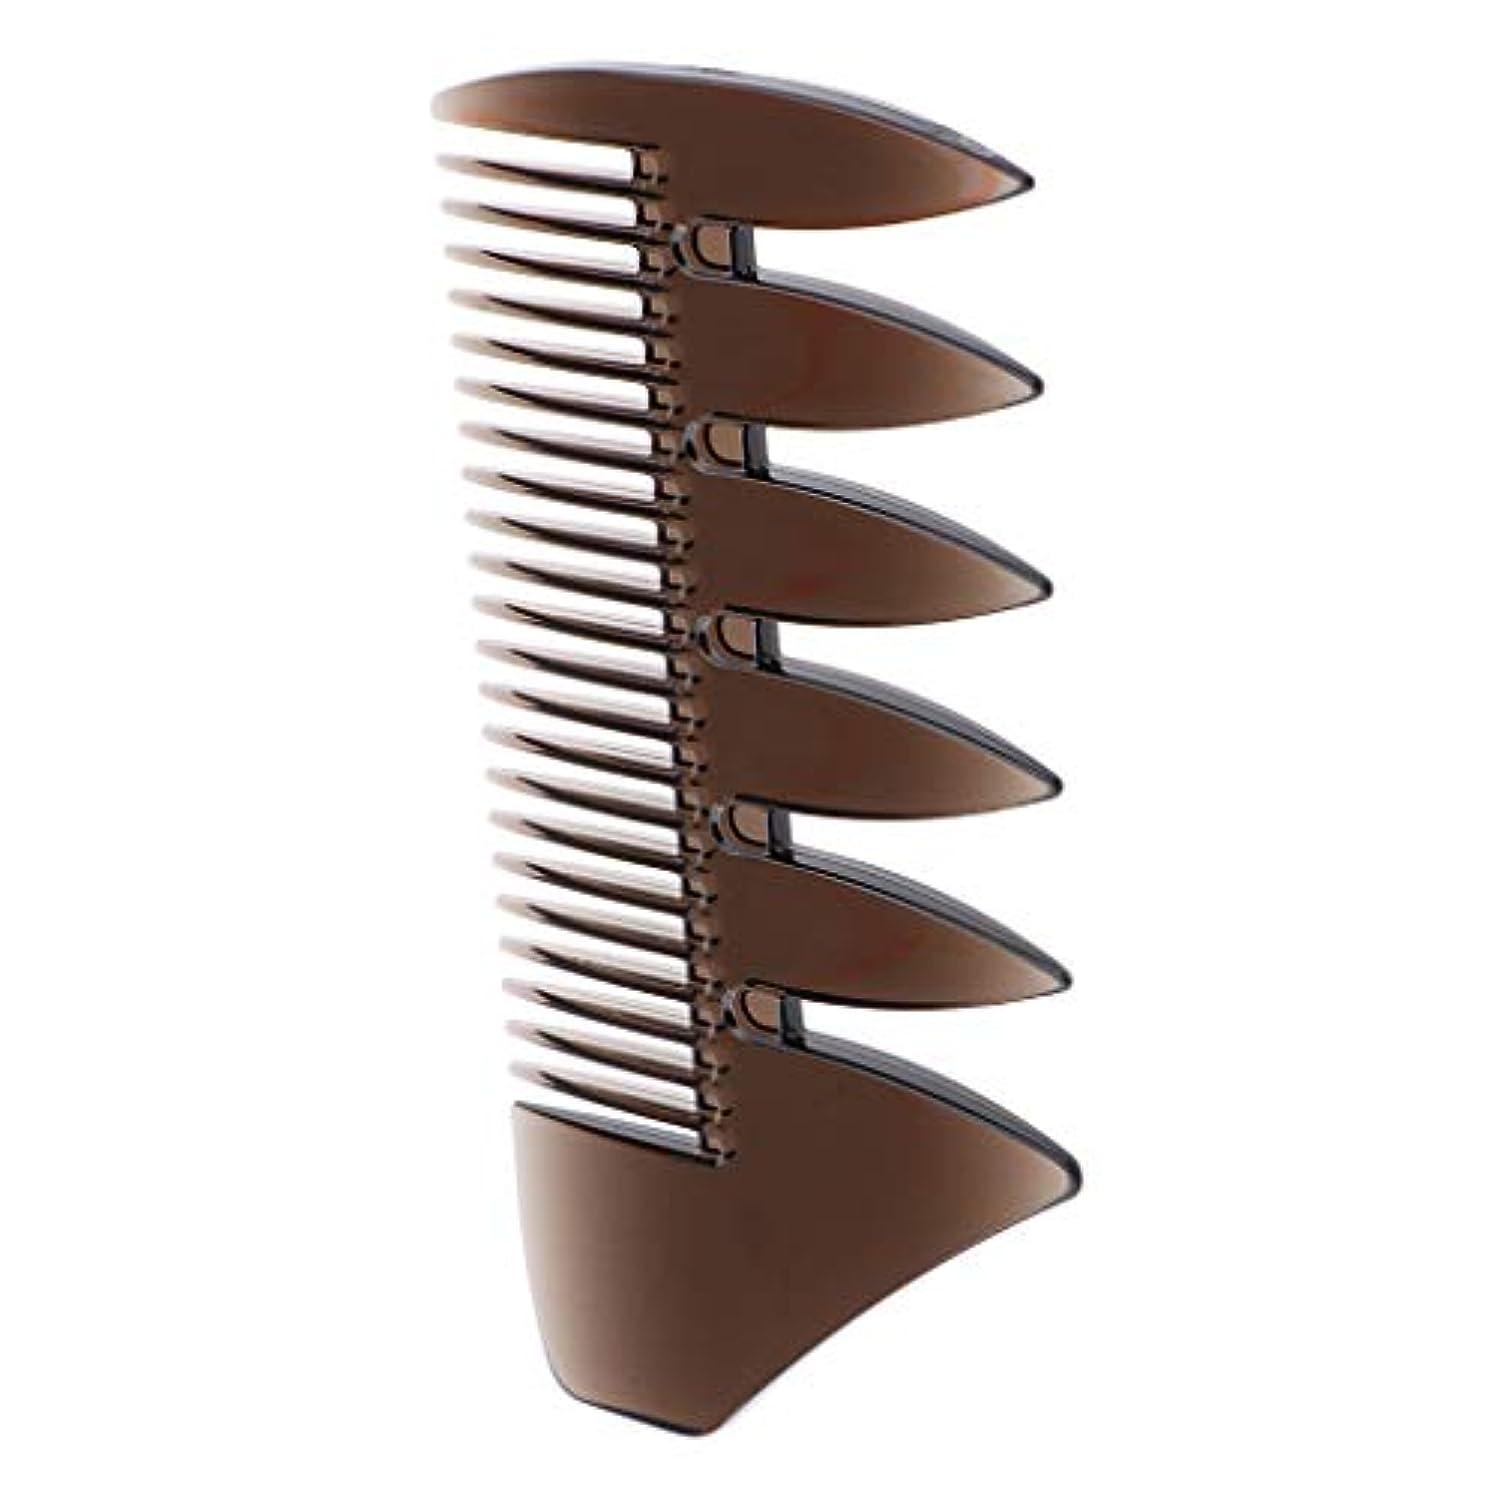 肌寒い起こるエロチックヘアブラシ ヘアダイコーム ハイライト ヘアカラーリング用櫛 セクショニング ヘアケア 柔軟性